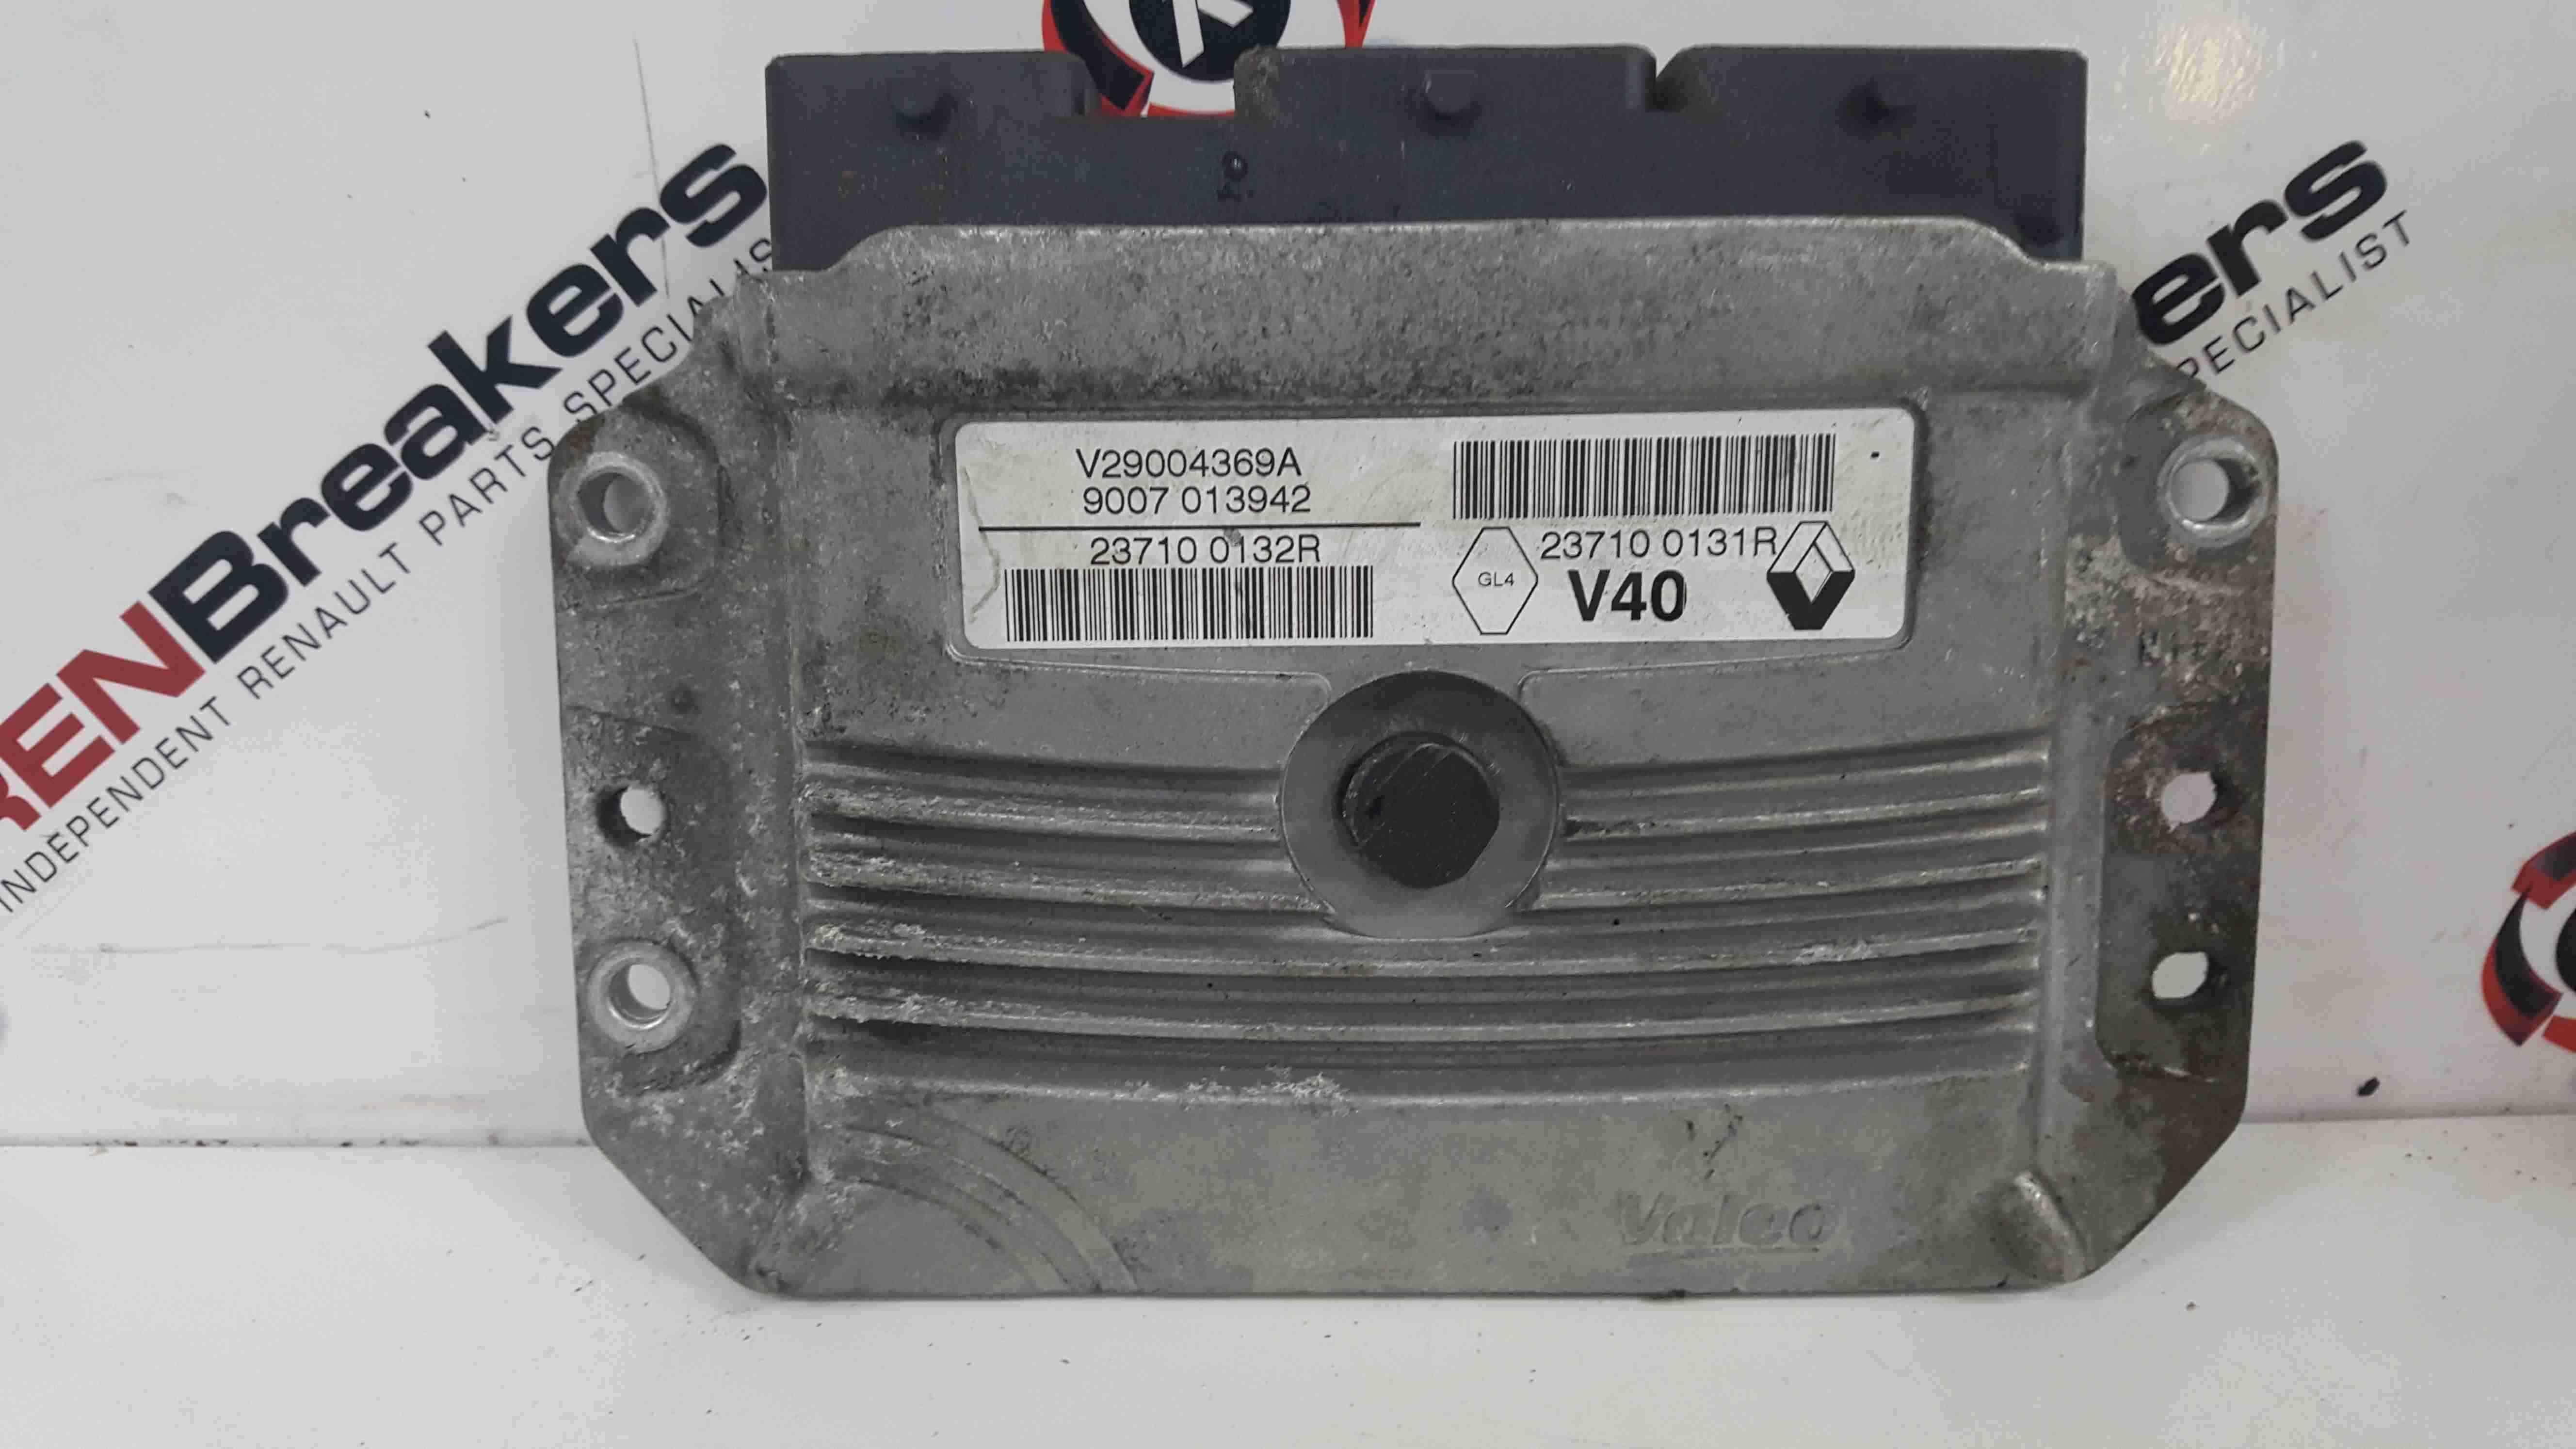 Renault Megane MK3 2008-2014 1.6 16v Engine Control Unit ECU 237100132R